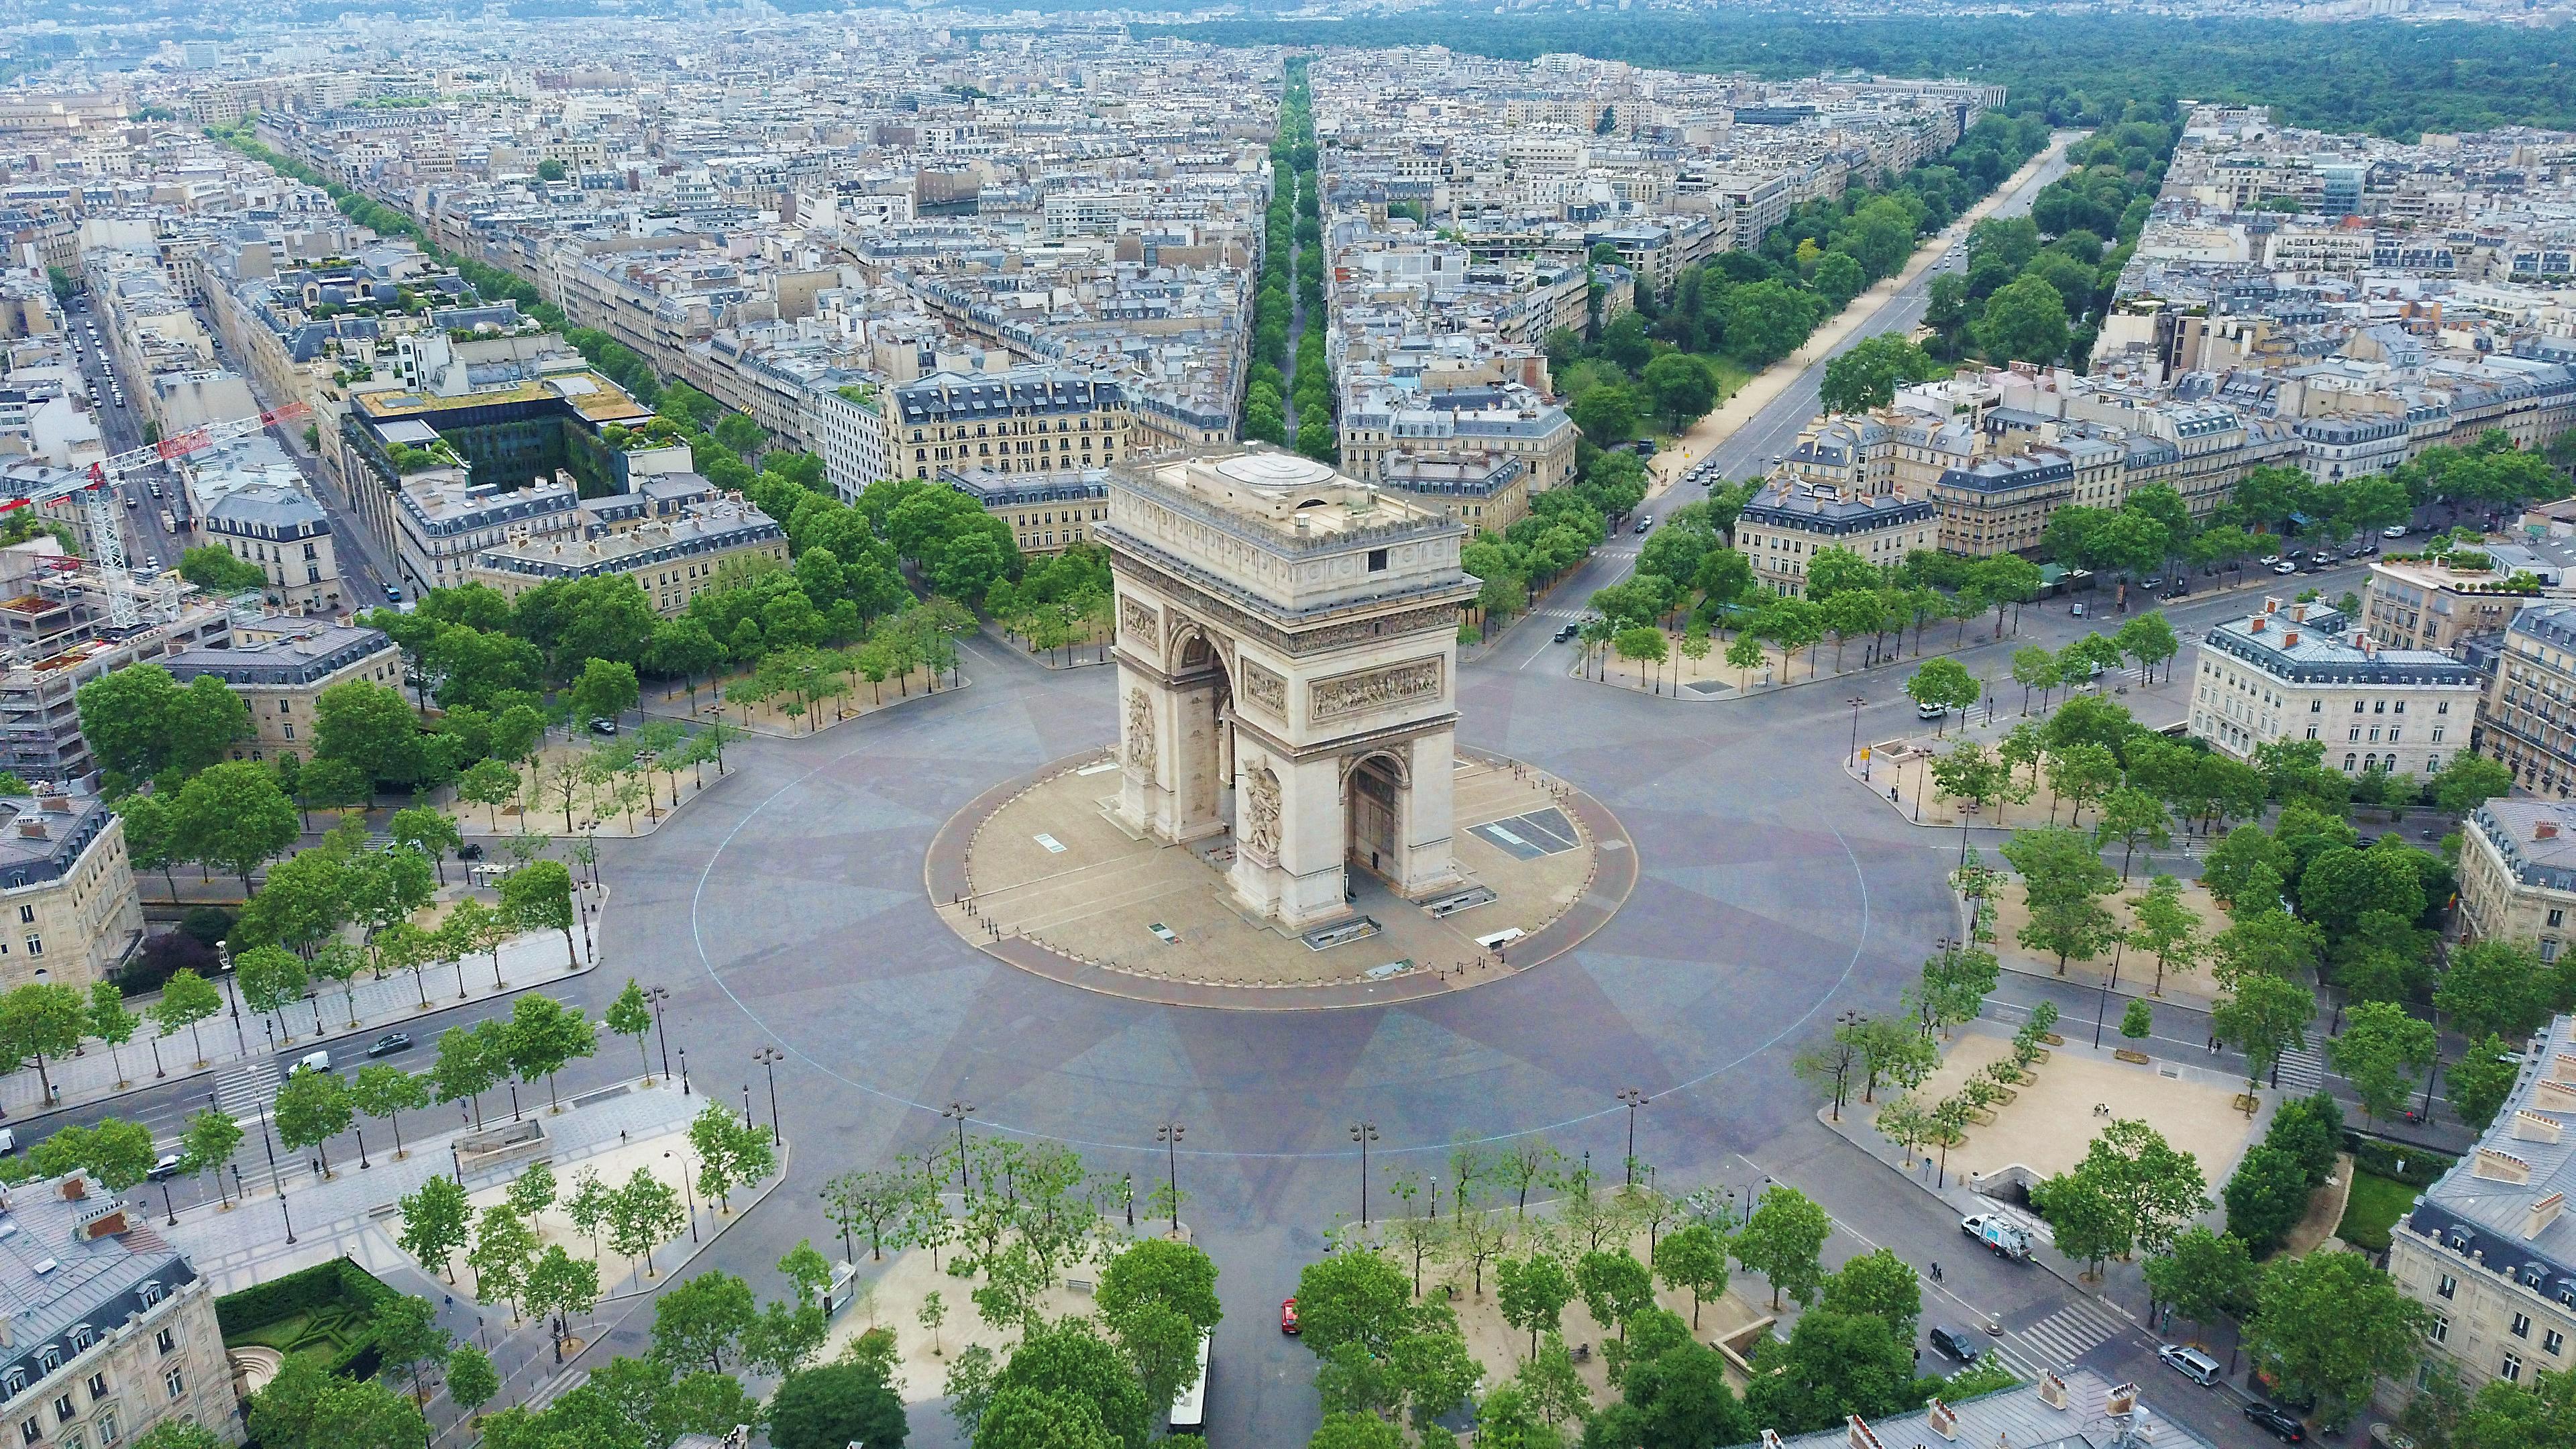 Центр Парижа, столицы Франции, страны, паспорт которой могут оформить иностранцы